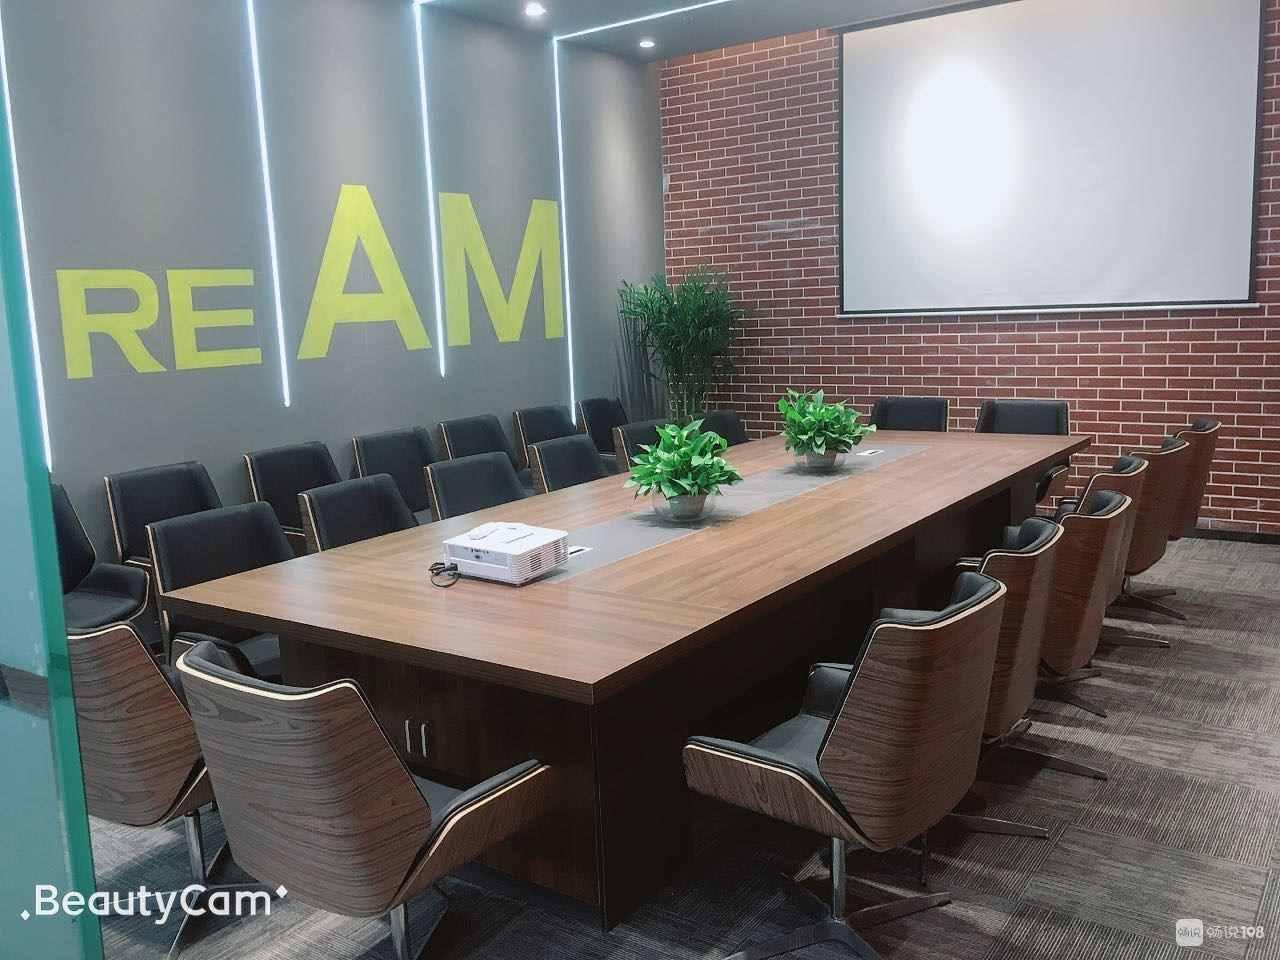 会展中心有100-1000平方写字楼办公室出租全新装修带大型会议室大型休闲咖啡吧的实拍照片